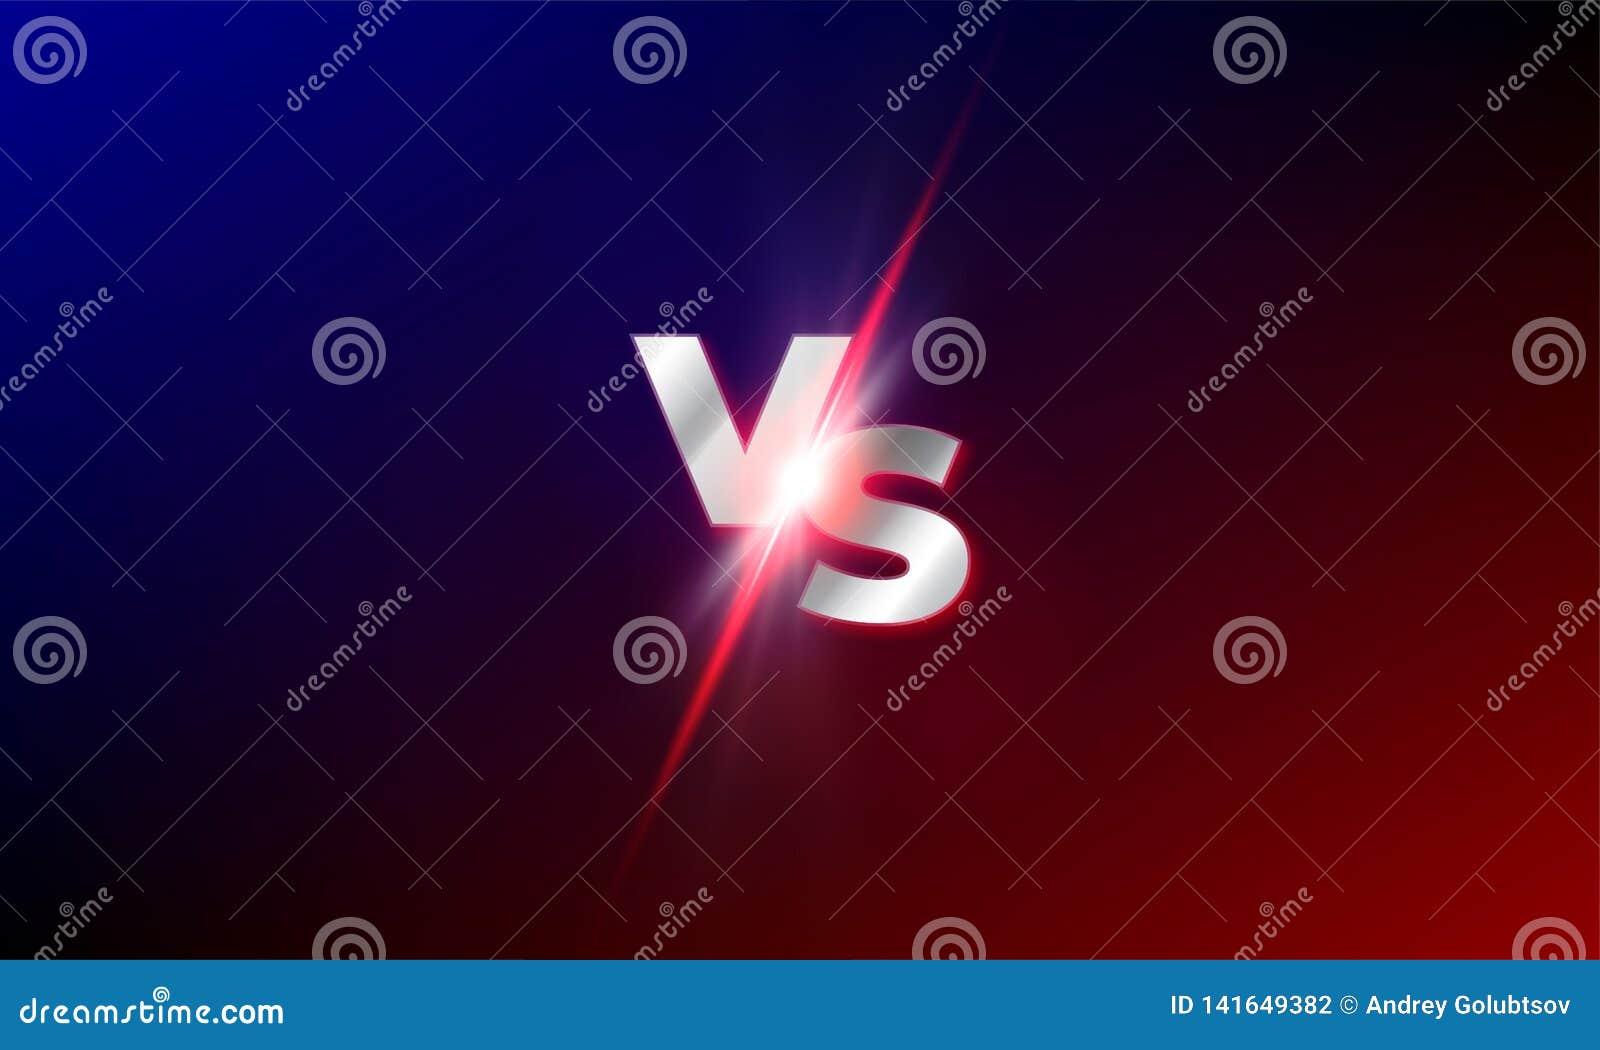 CONTRA contra fondo del vector Competencia roja y azul de la lucha del Muttahida Majlis-E-Amal CONTRA chispa ligera de la ráfaga